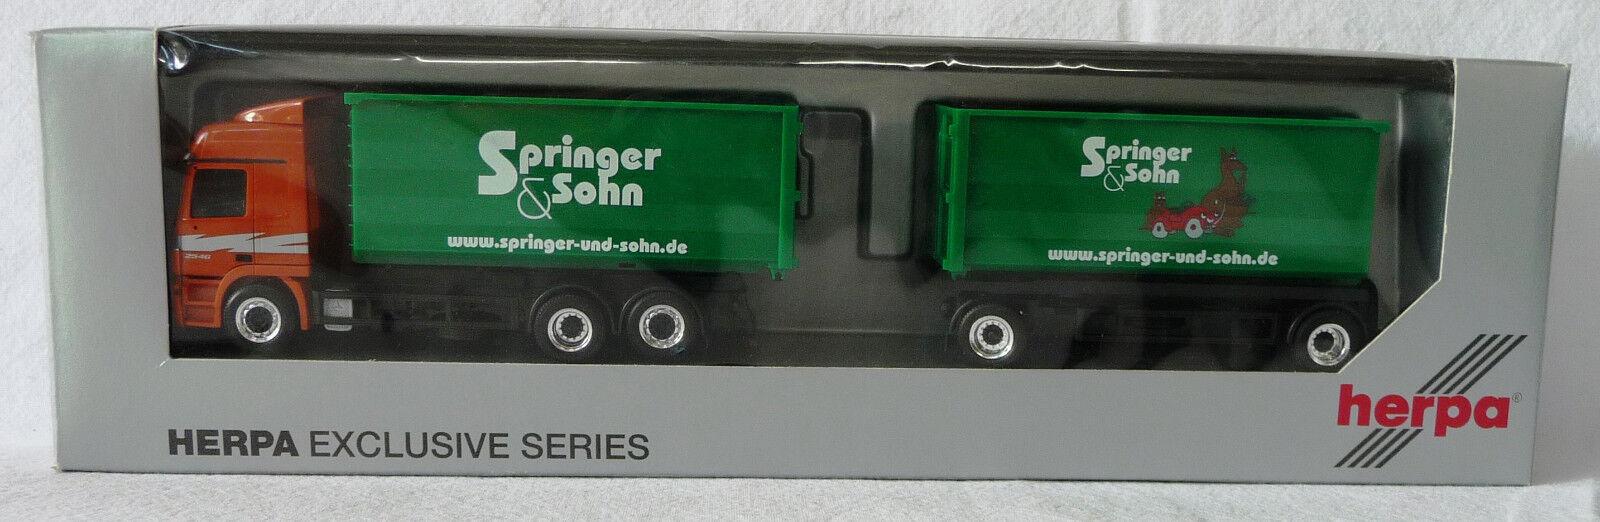 Herpa H0 287371  MB Actros L '02 Abrollmulden-Sattelzug  Springer & Sohn